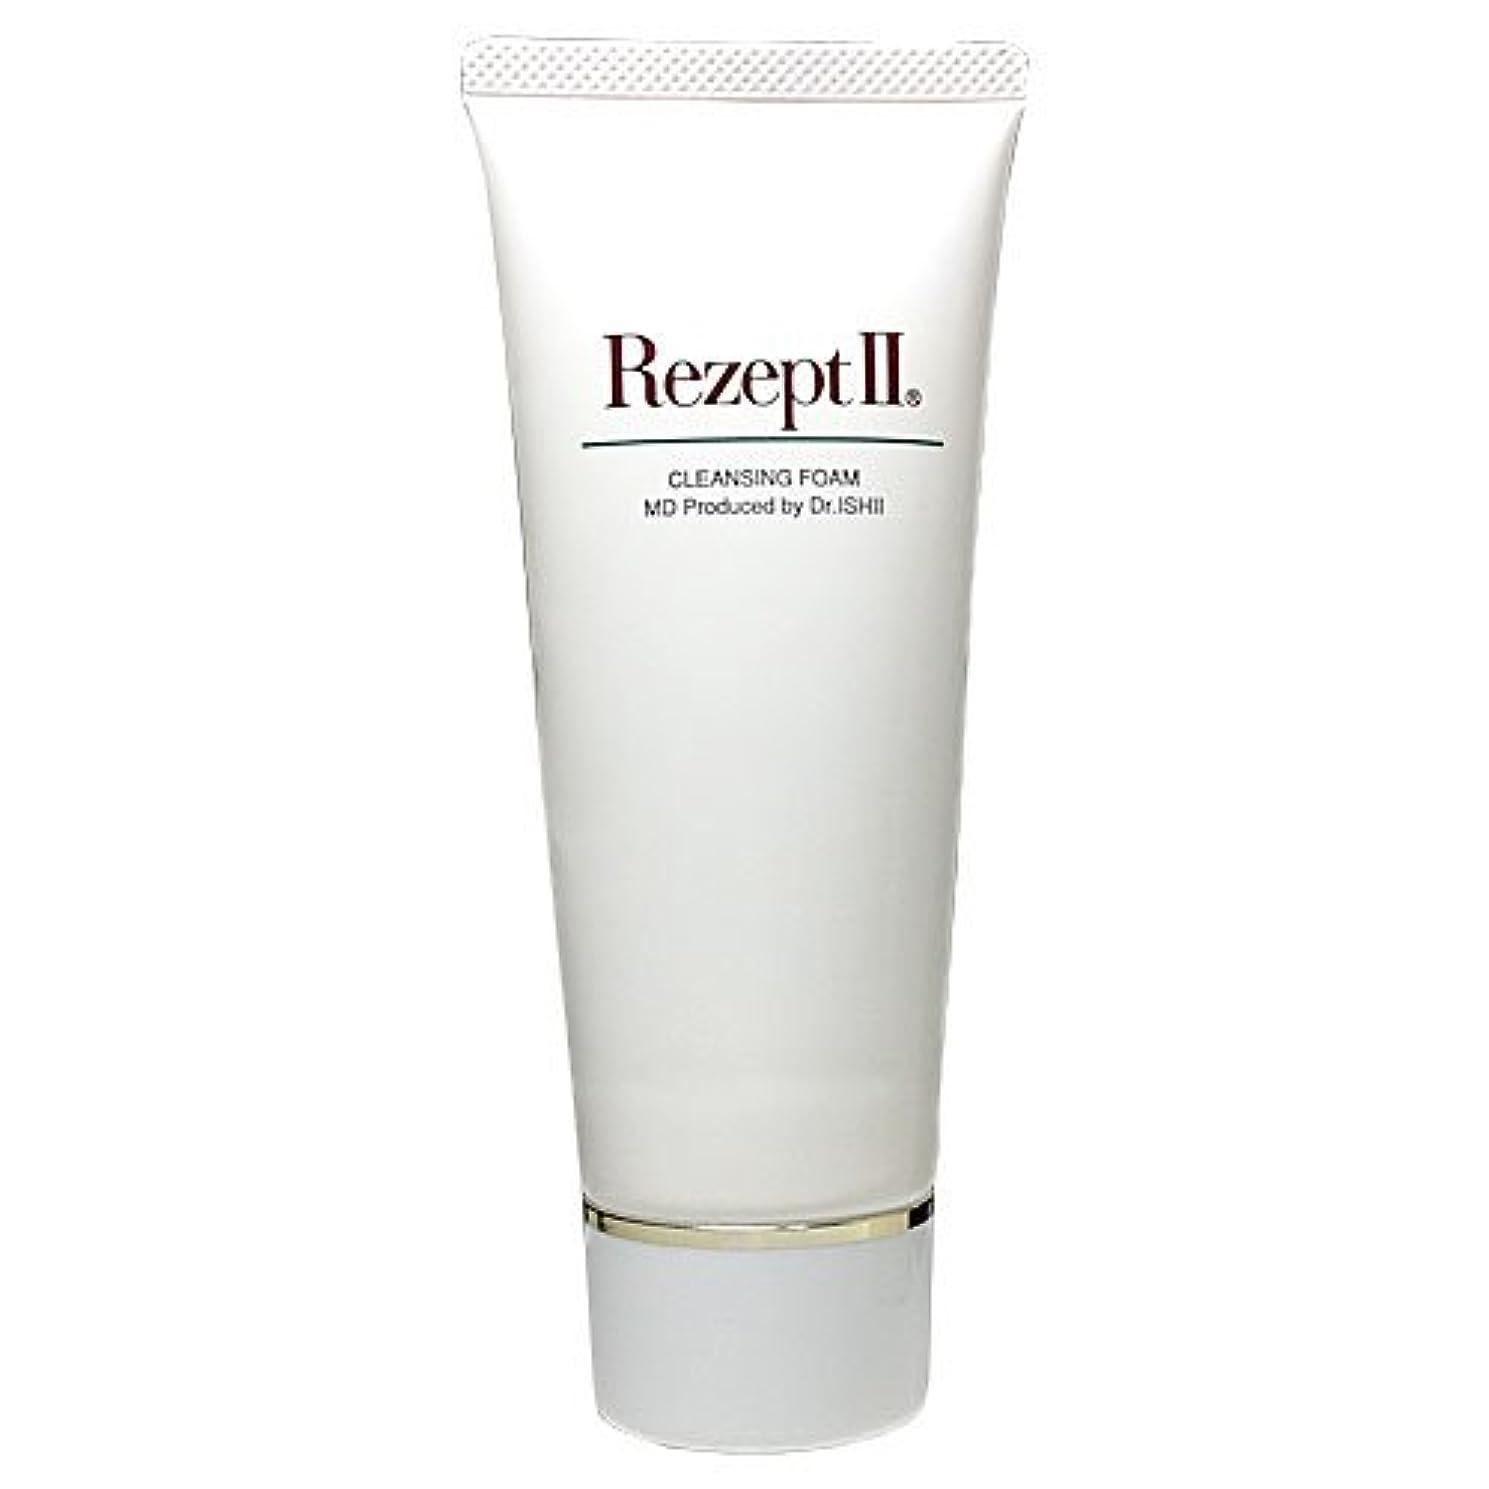 激しいマイルエジプトMD化粧品 レセプト2 クレンジングフォーム 洗顔料 115g